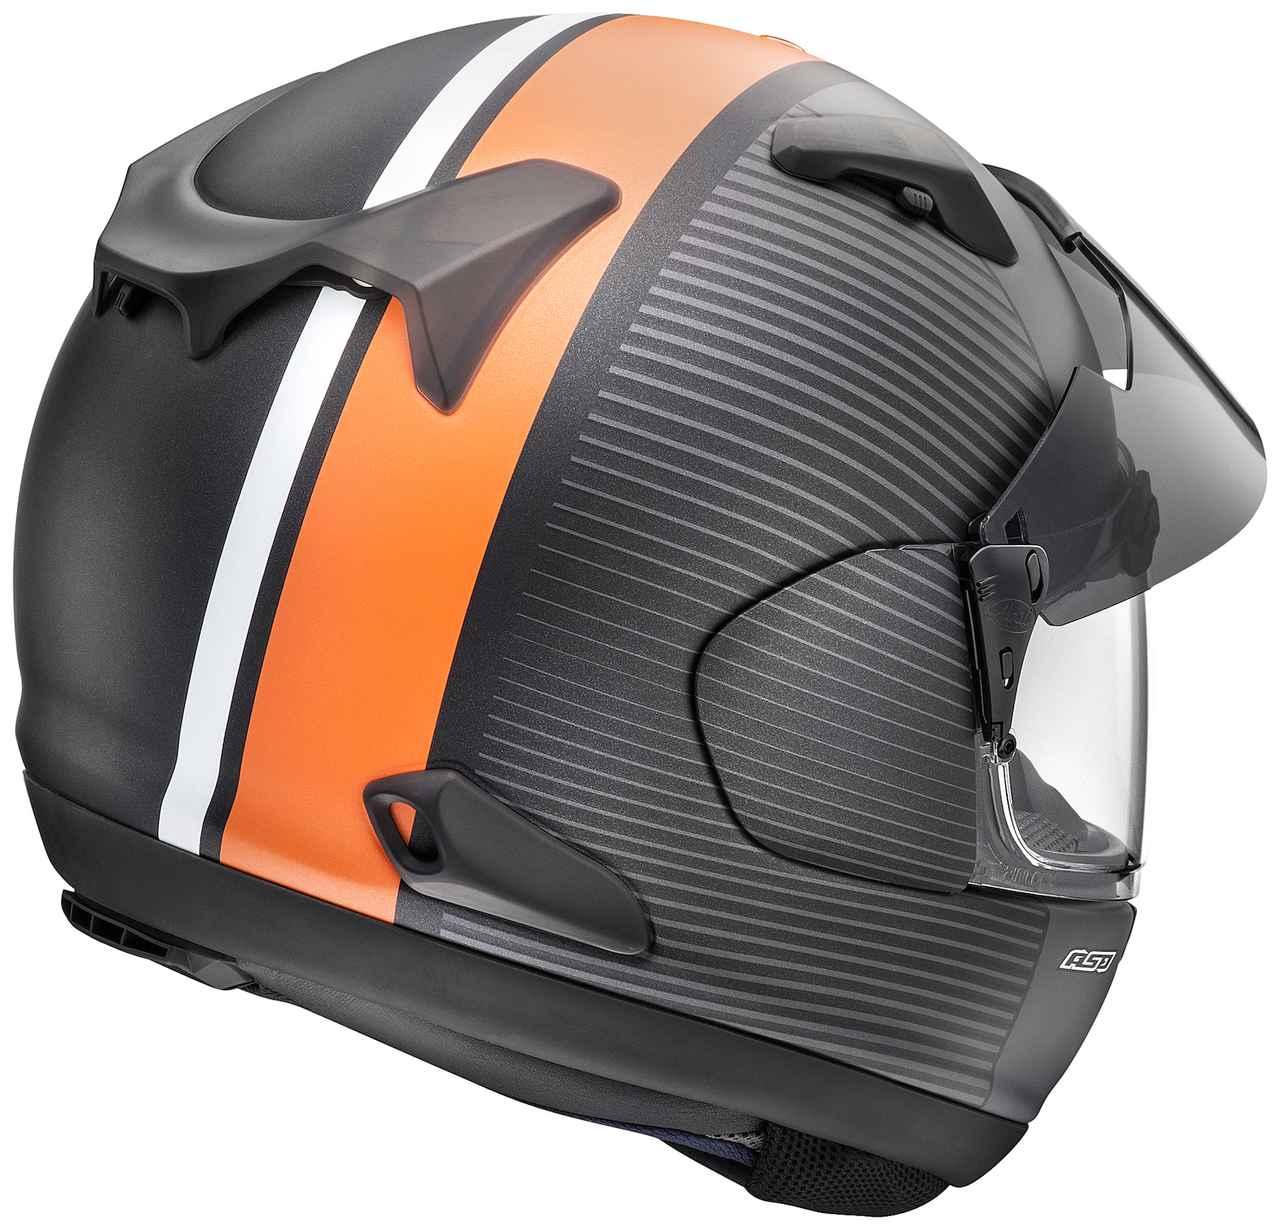 画像2: アライヘルメット ASTRAL-X TWIST(グラスブラック・ツイスト・オレンジ) ■価格:6万2640円(税込)